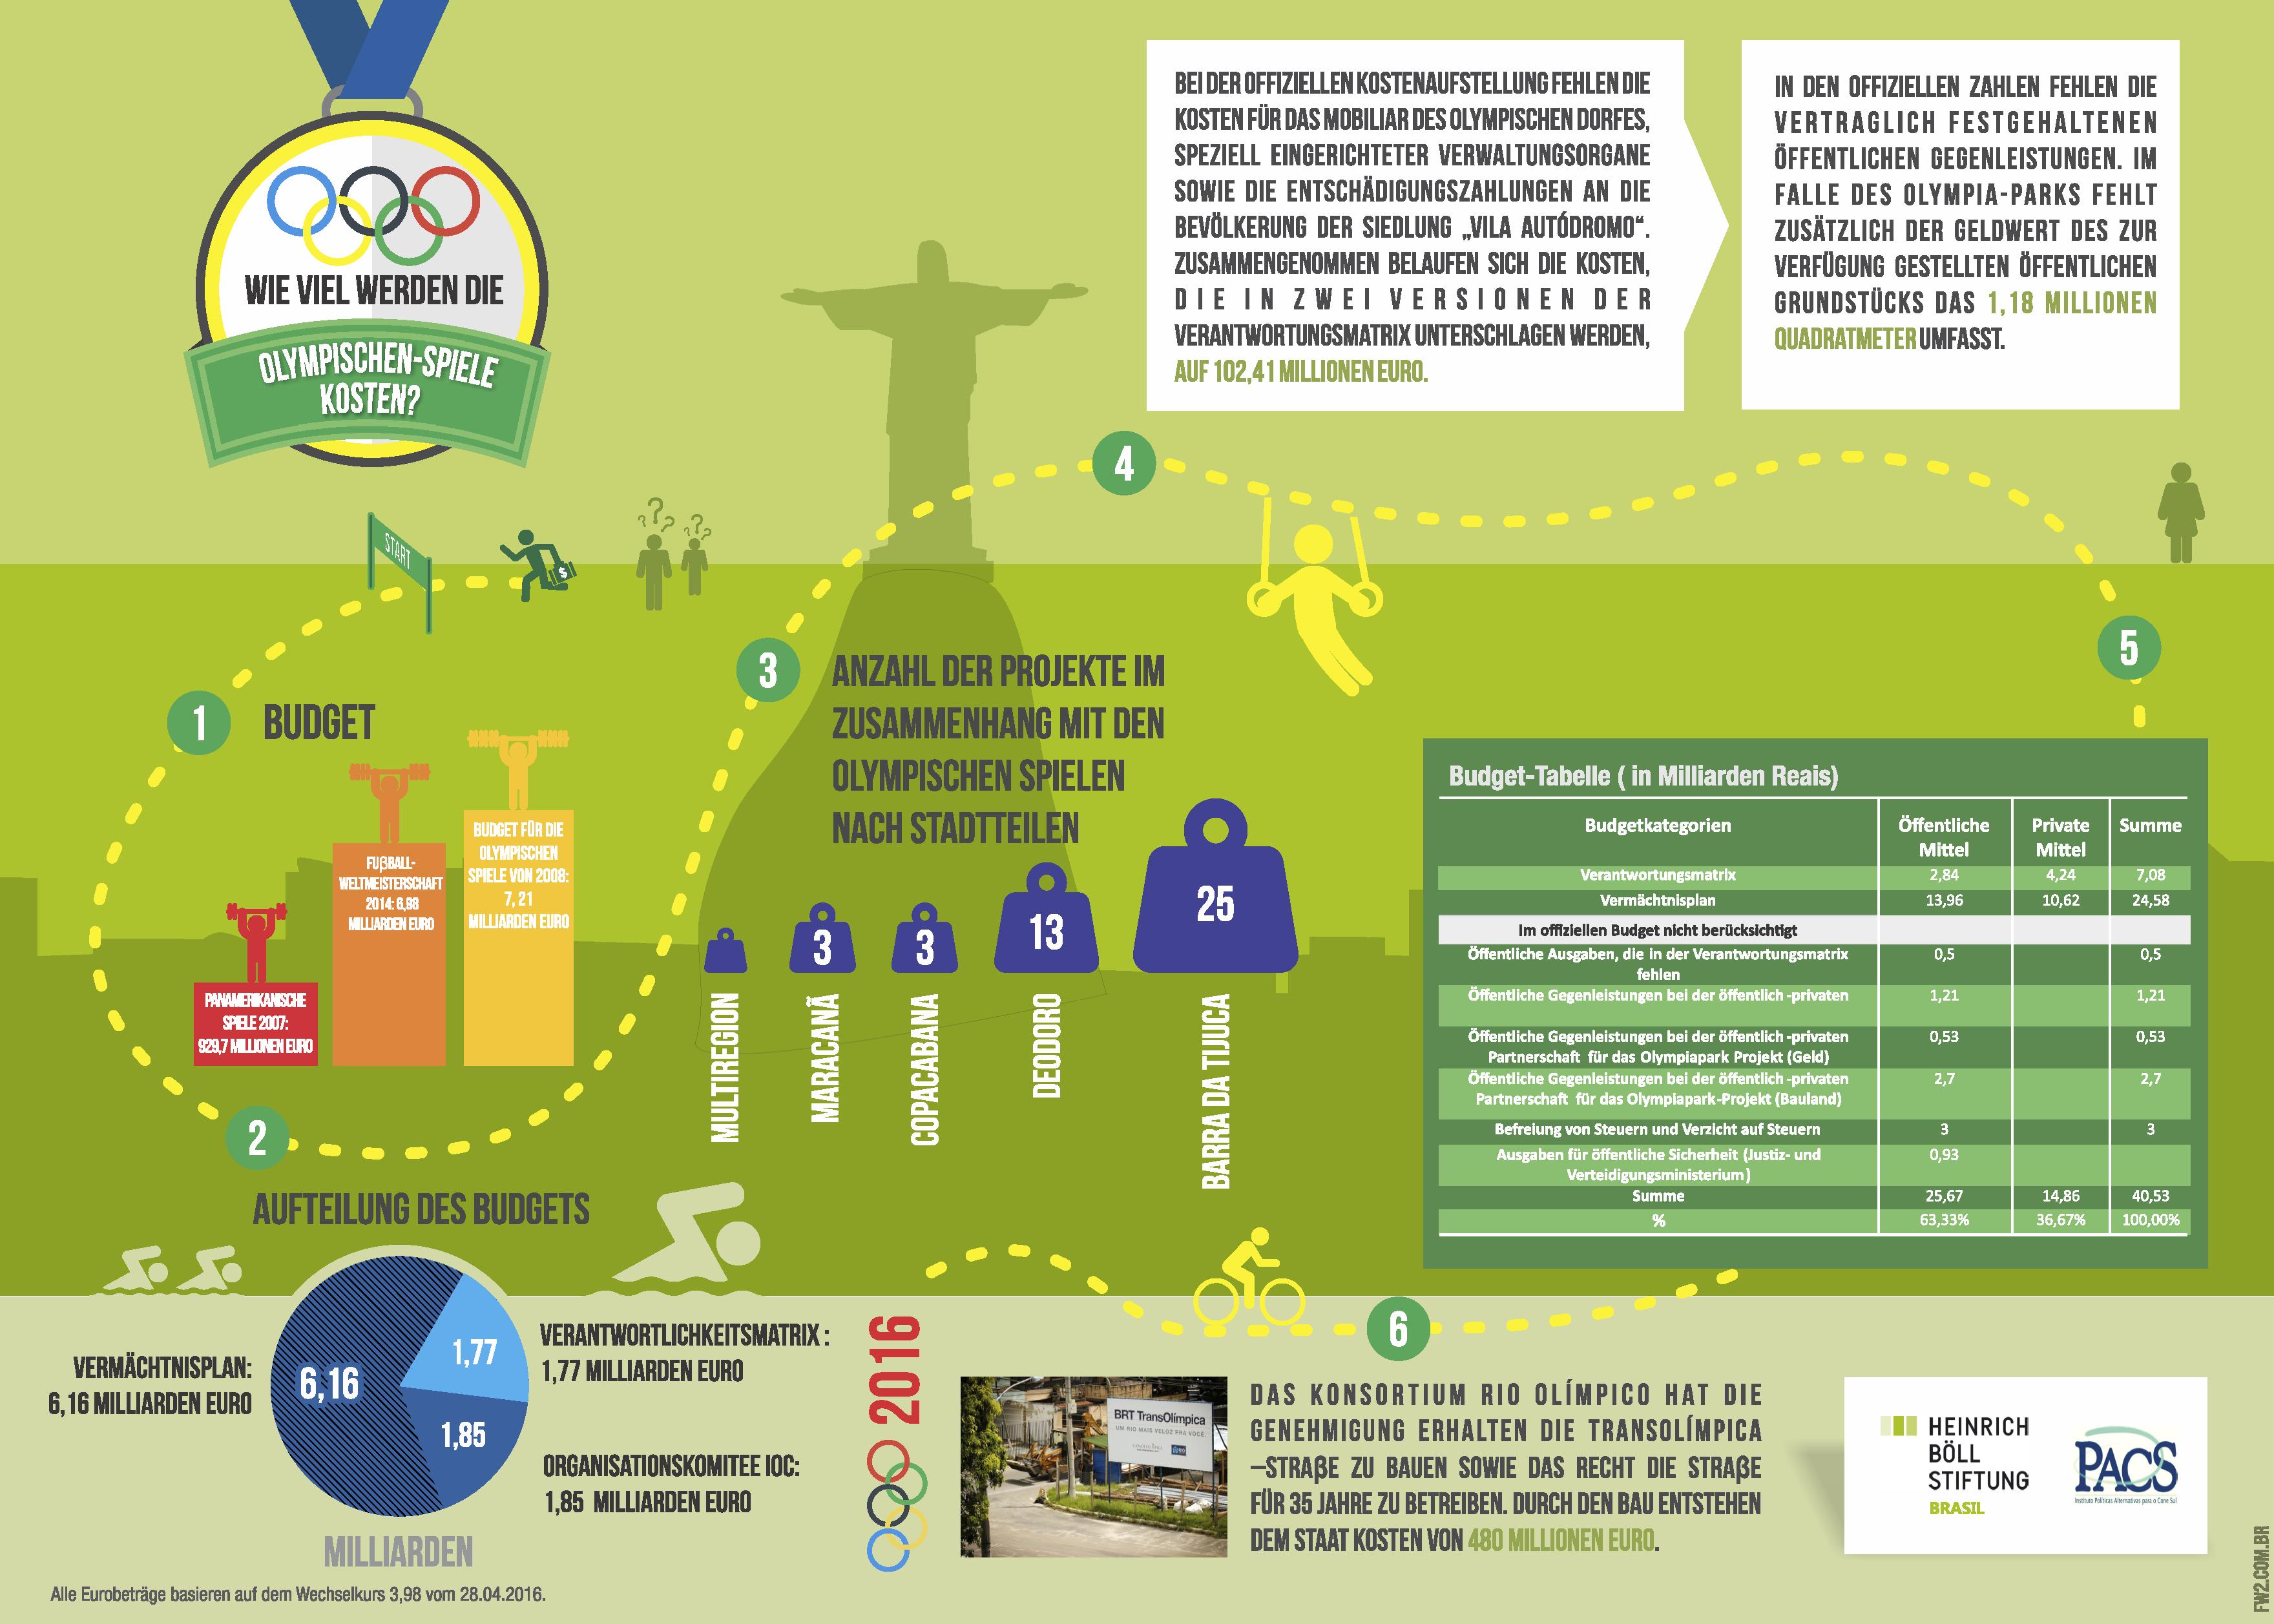 Prezi: Wie viel werden die Olympischen-Spiele kosten?